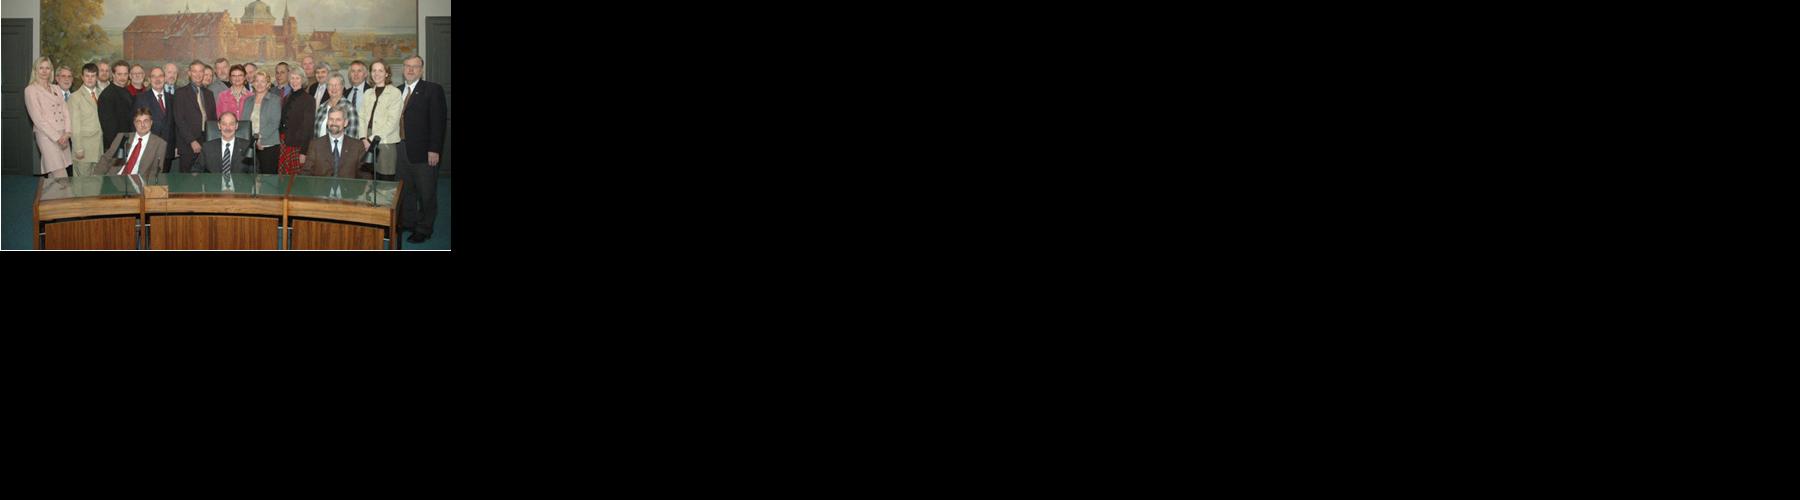 Byråd cover image